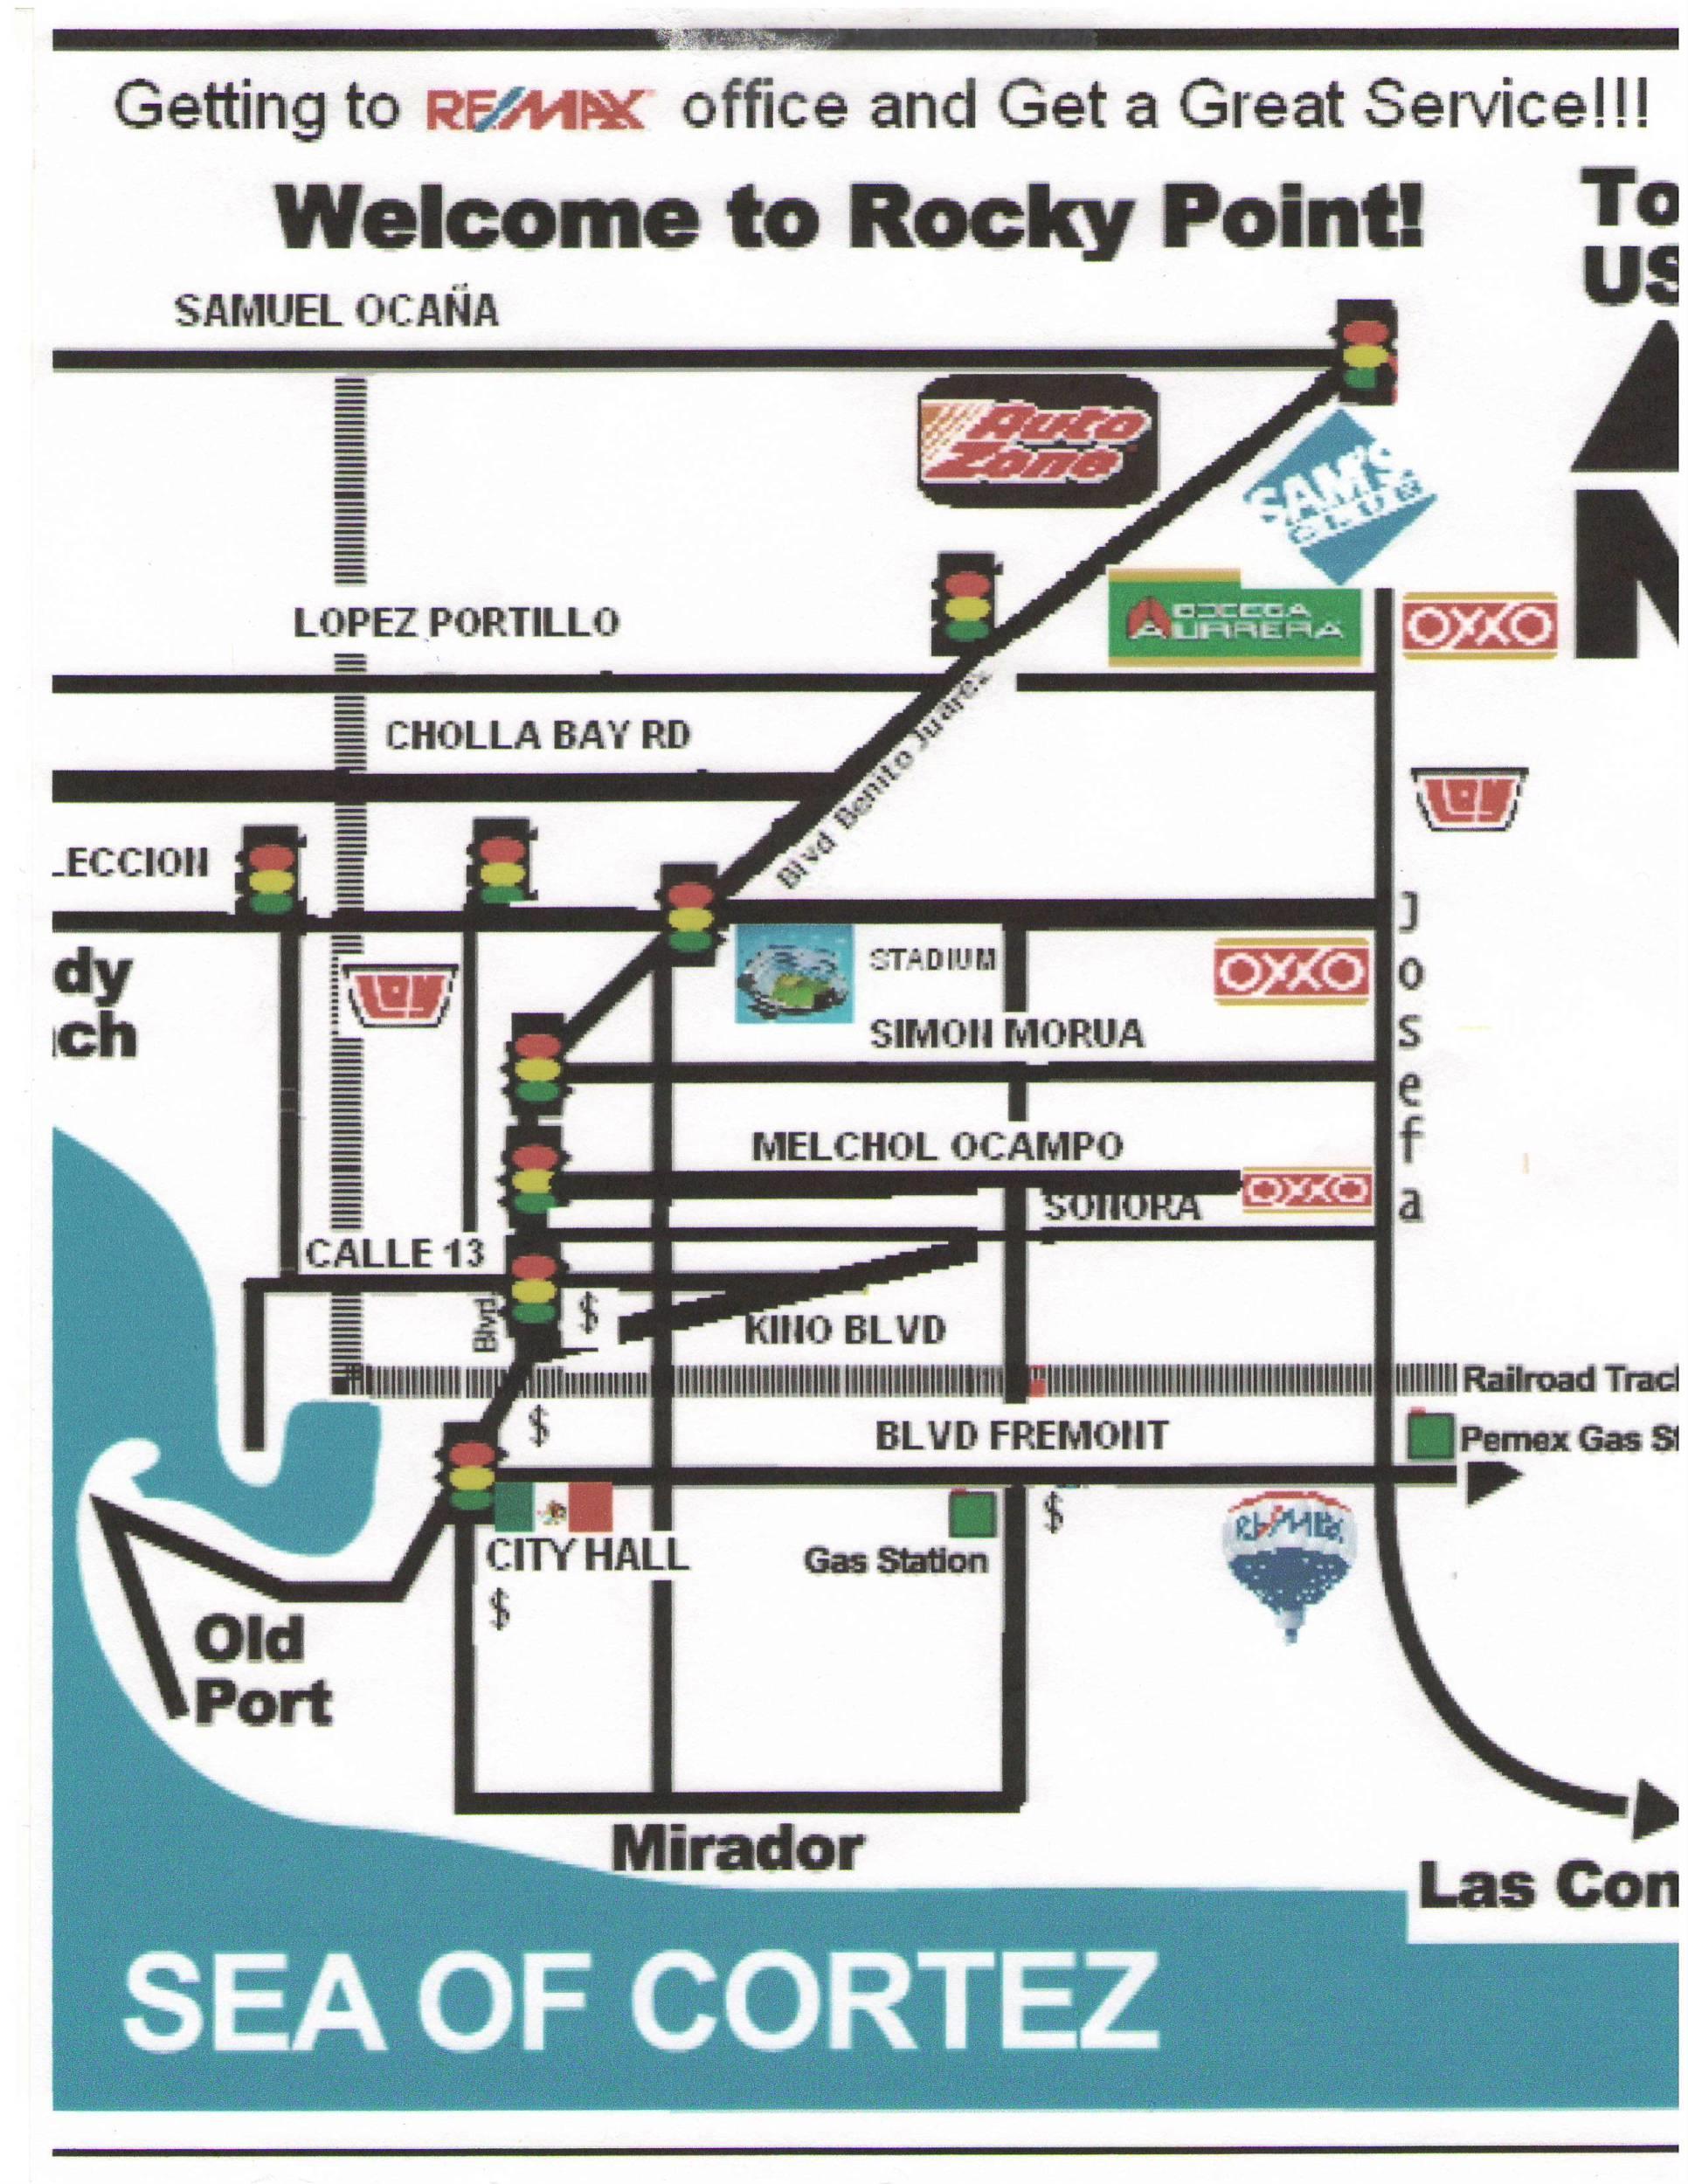 Rocky Point Map Grant Mackenzie Sr